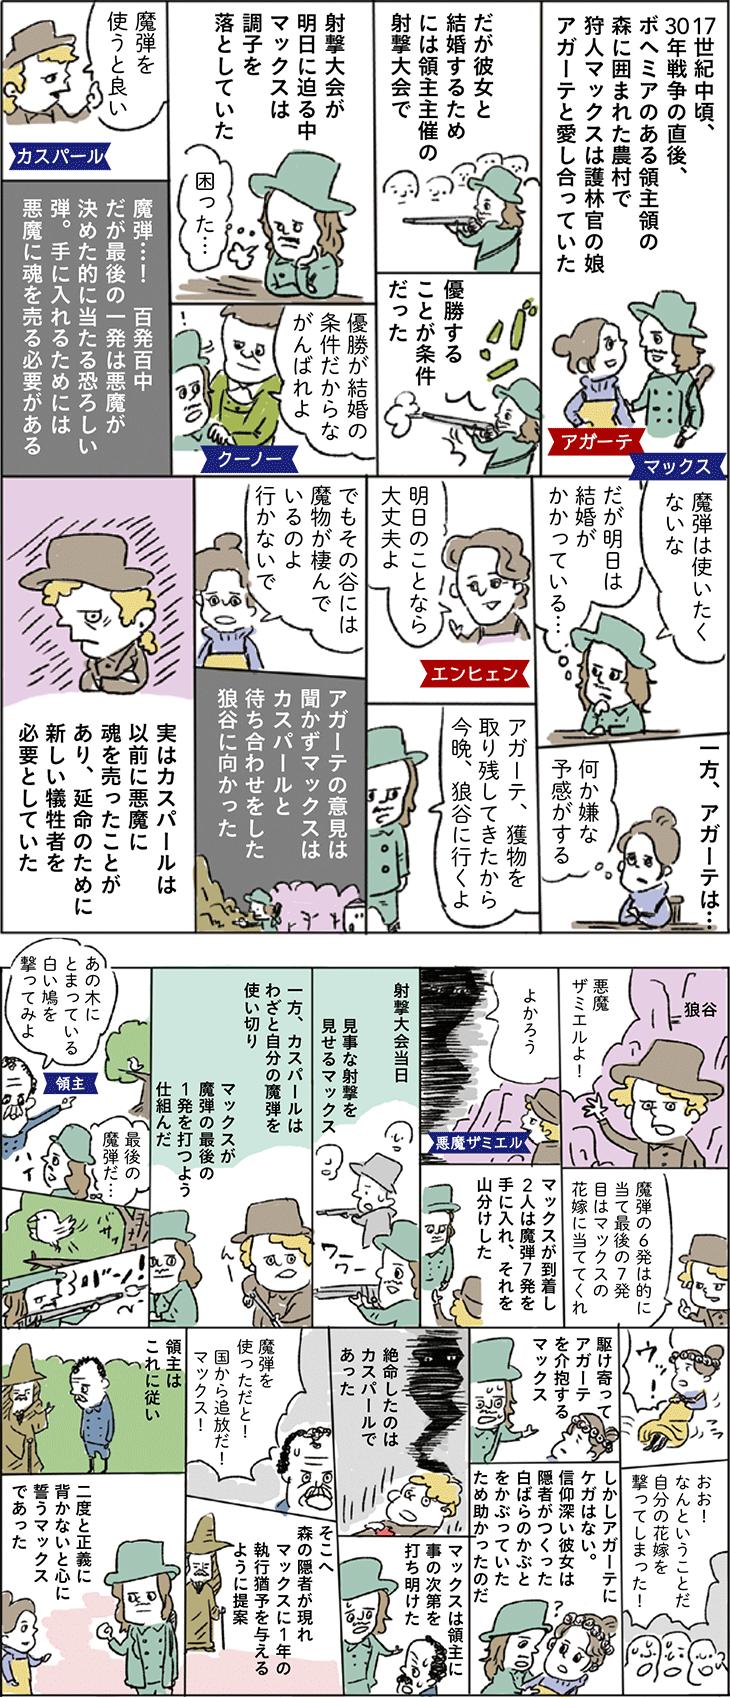 魔弾の射手 | よみもの.com